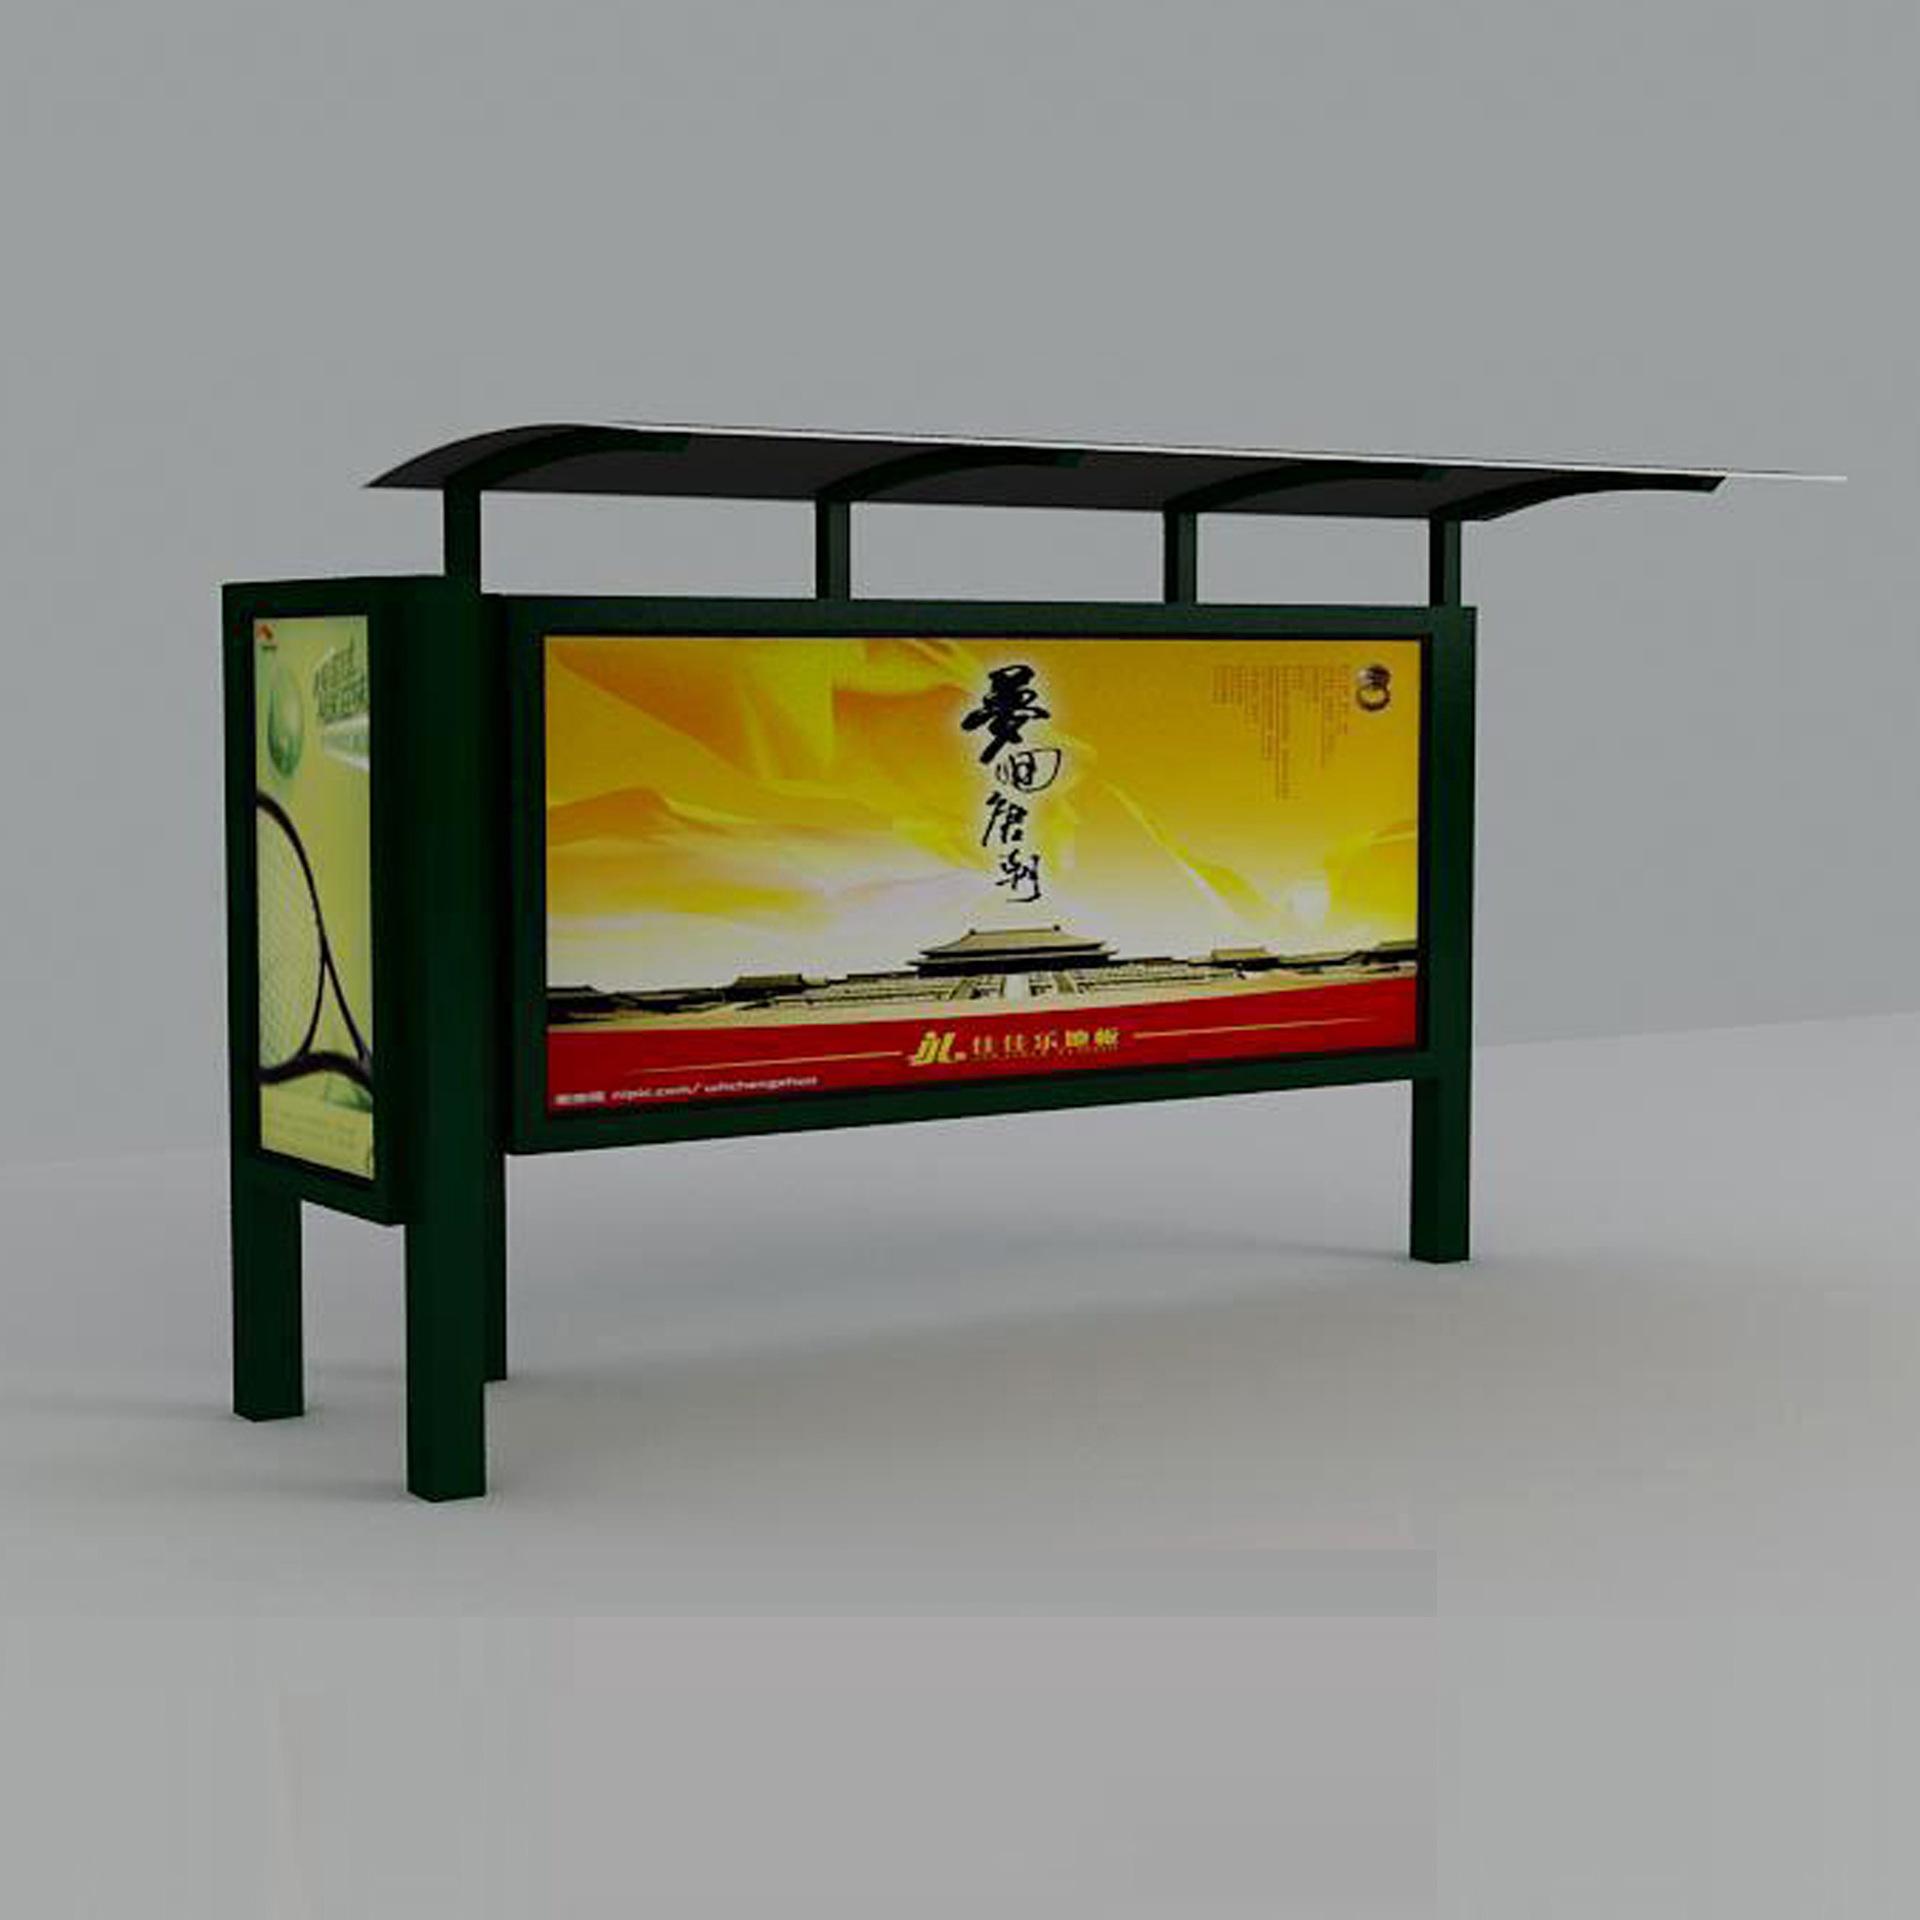 厂家定做候车亭灯箱,公交站台,候车厅广告灯箱,可包安装